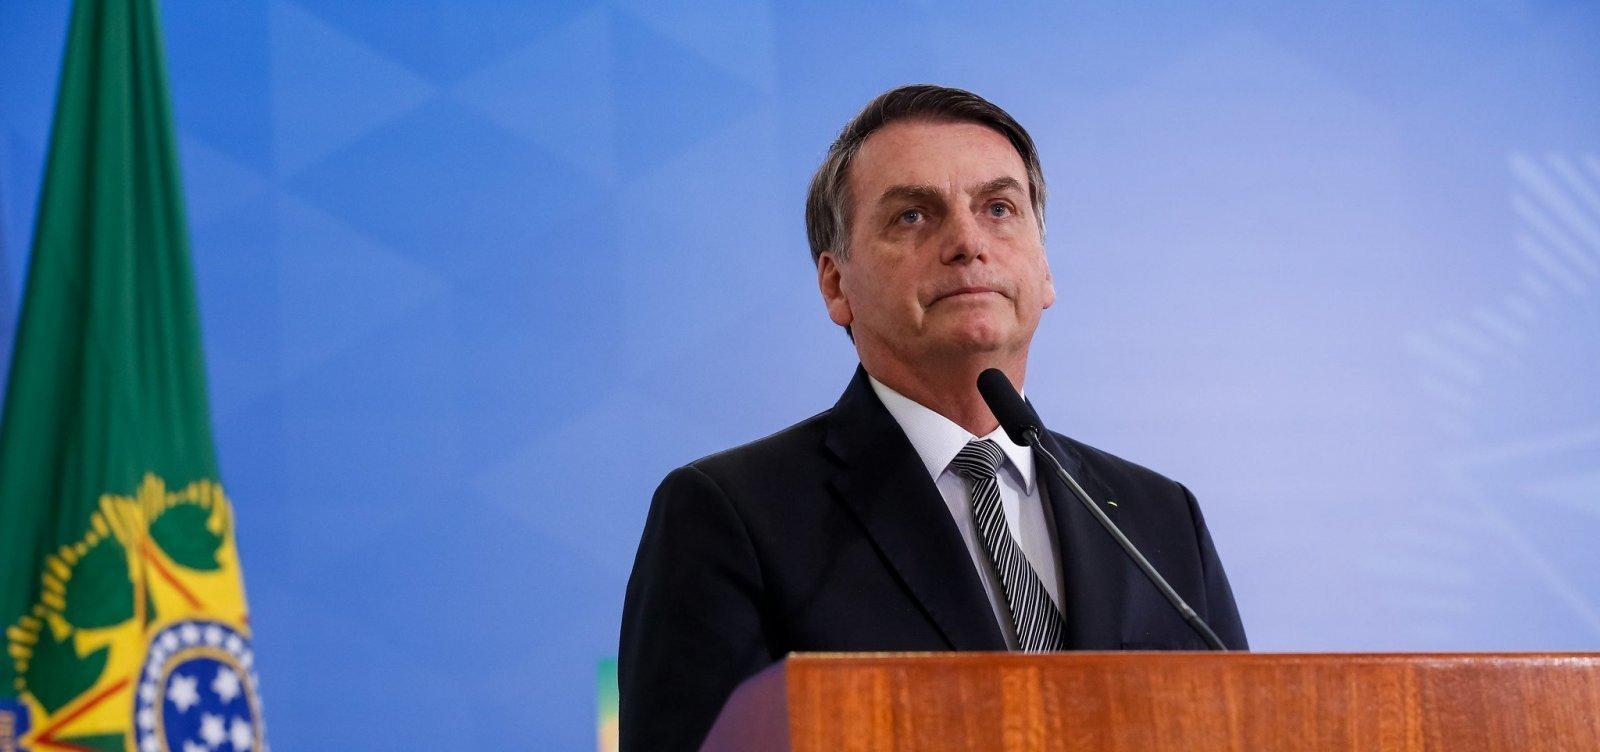 """Em evento da ONU, Bolsonaro diz que país enfrenta crise hídrica com """"planejamento e transparência"""""""